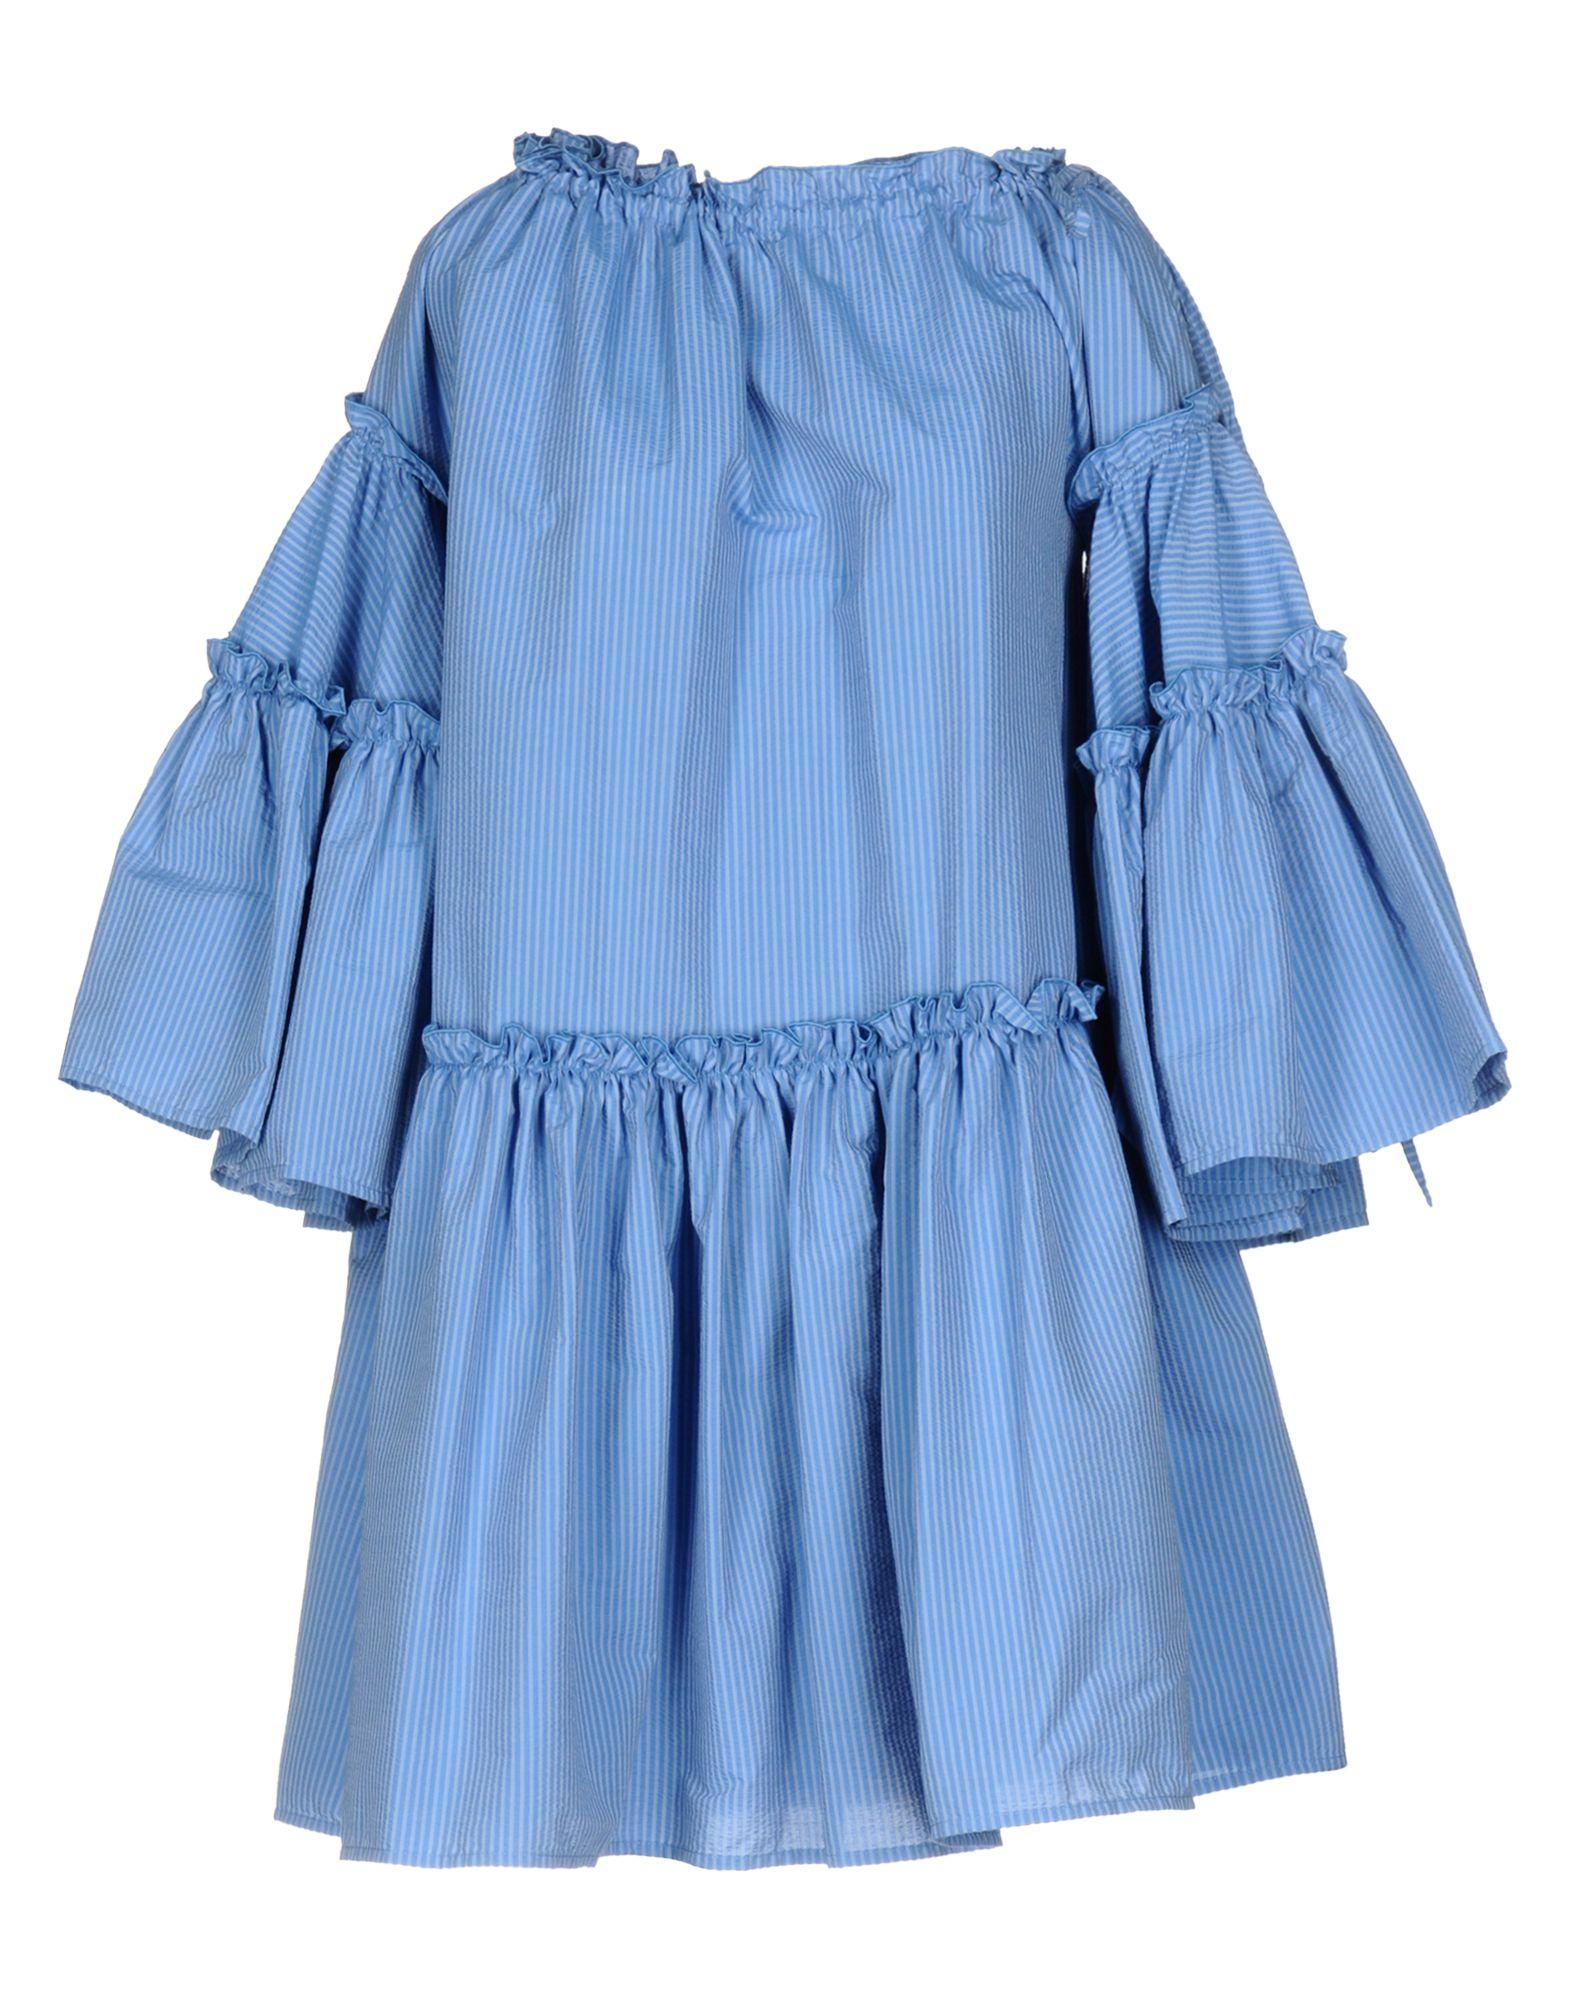 Vestito Corto Msgm Donna - Acquista online su bJLmoaHd2F